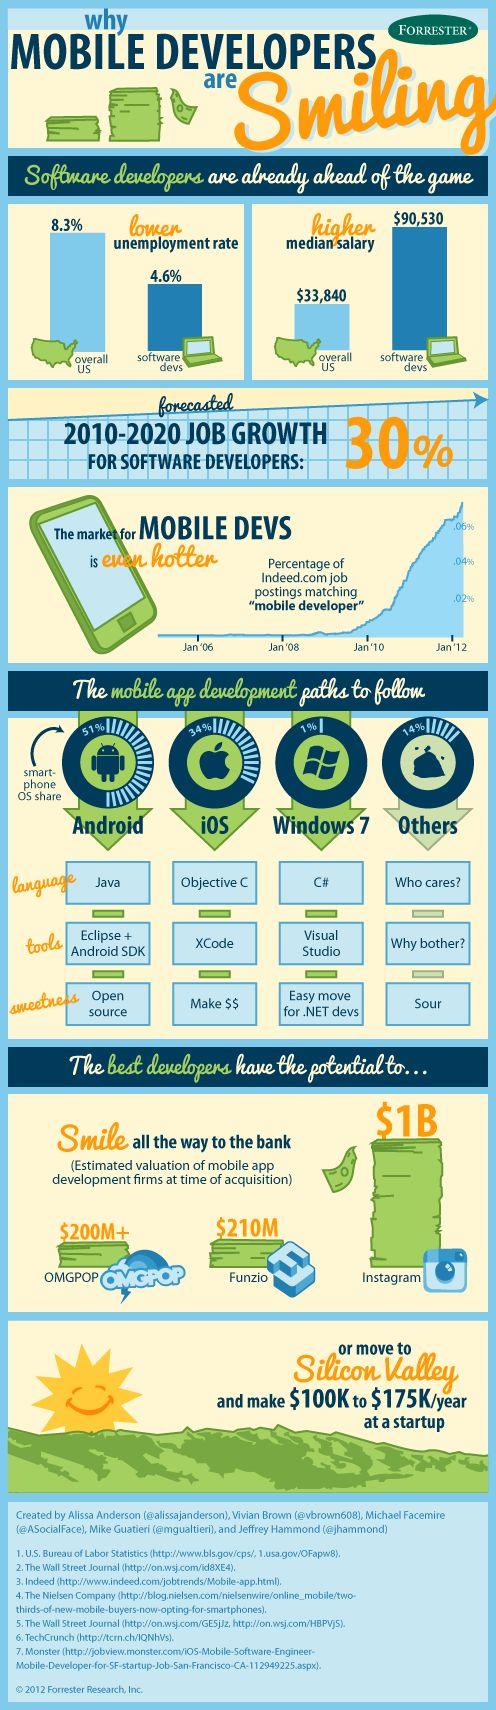 Mobil platformlar, büyük bir hızla yayılıyor. Sektör ihtiyaçlarını karşılamak da mobil geliştiricilere düşüyor.